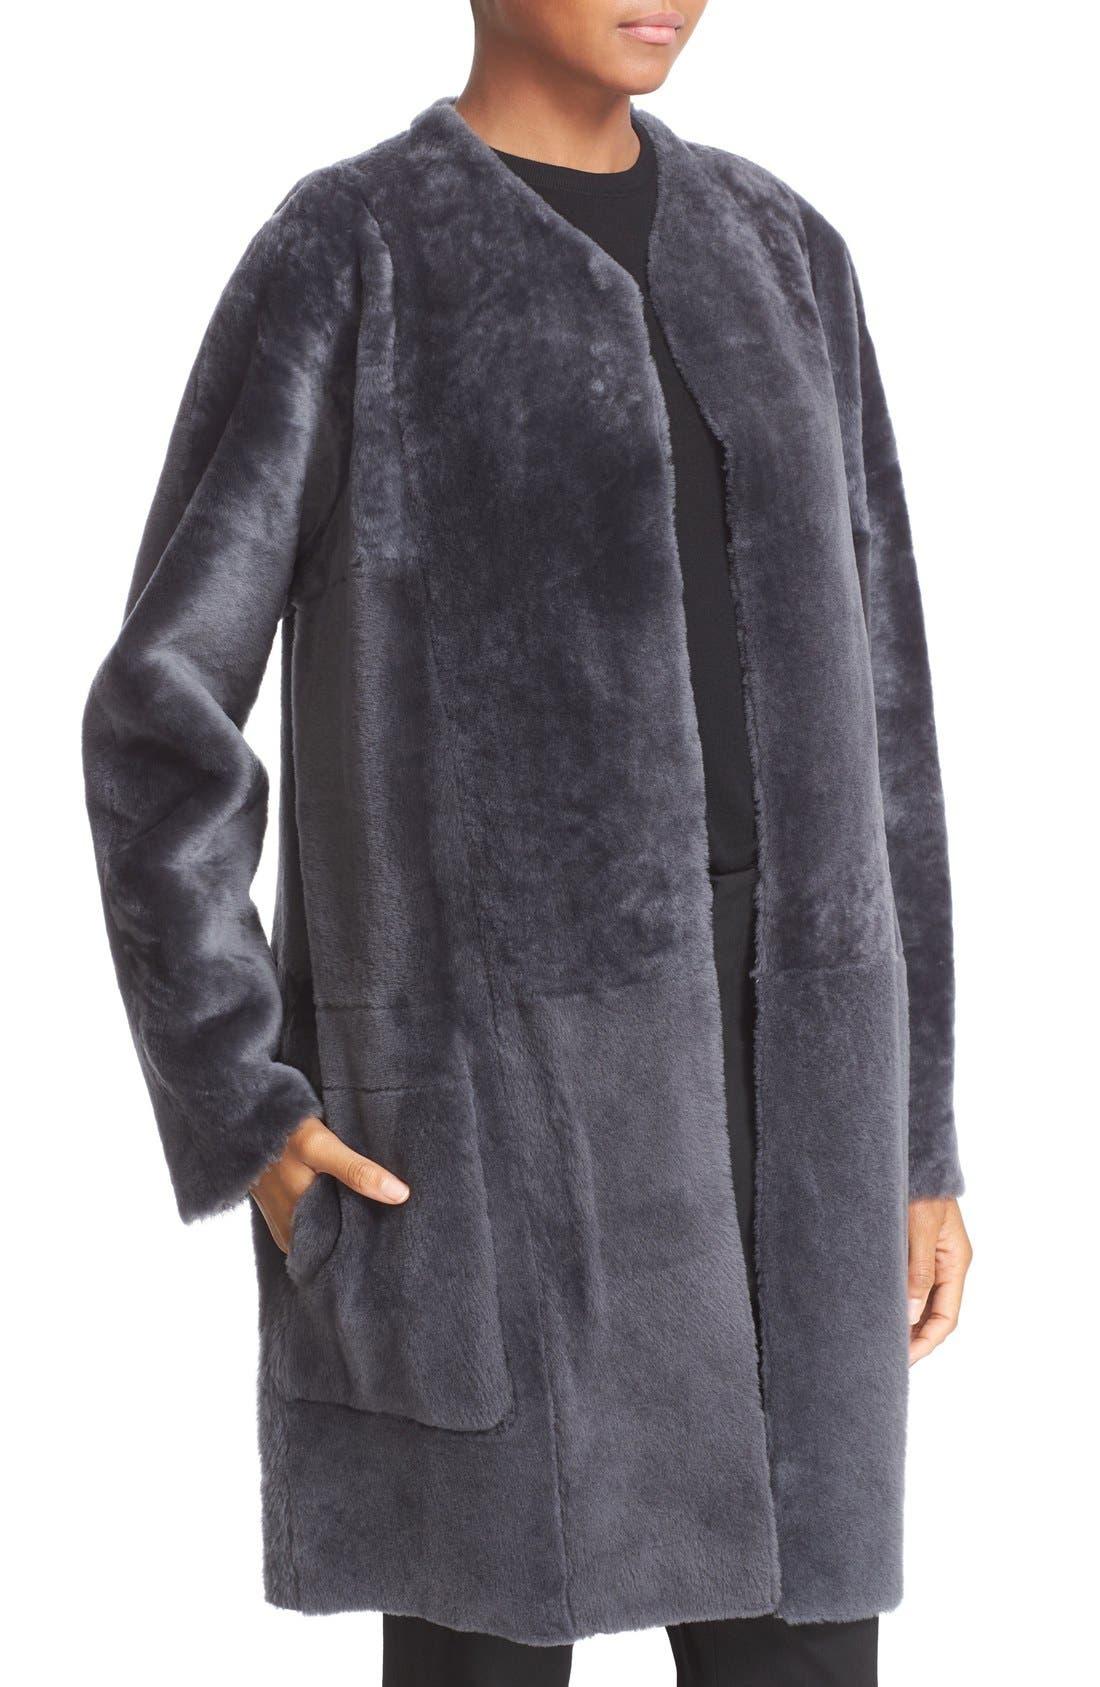 Main Image - Vince Reversible Genuine Shearling Car Coat